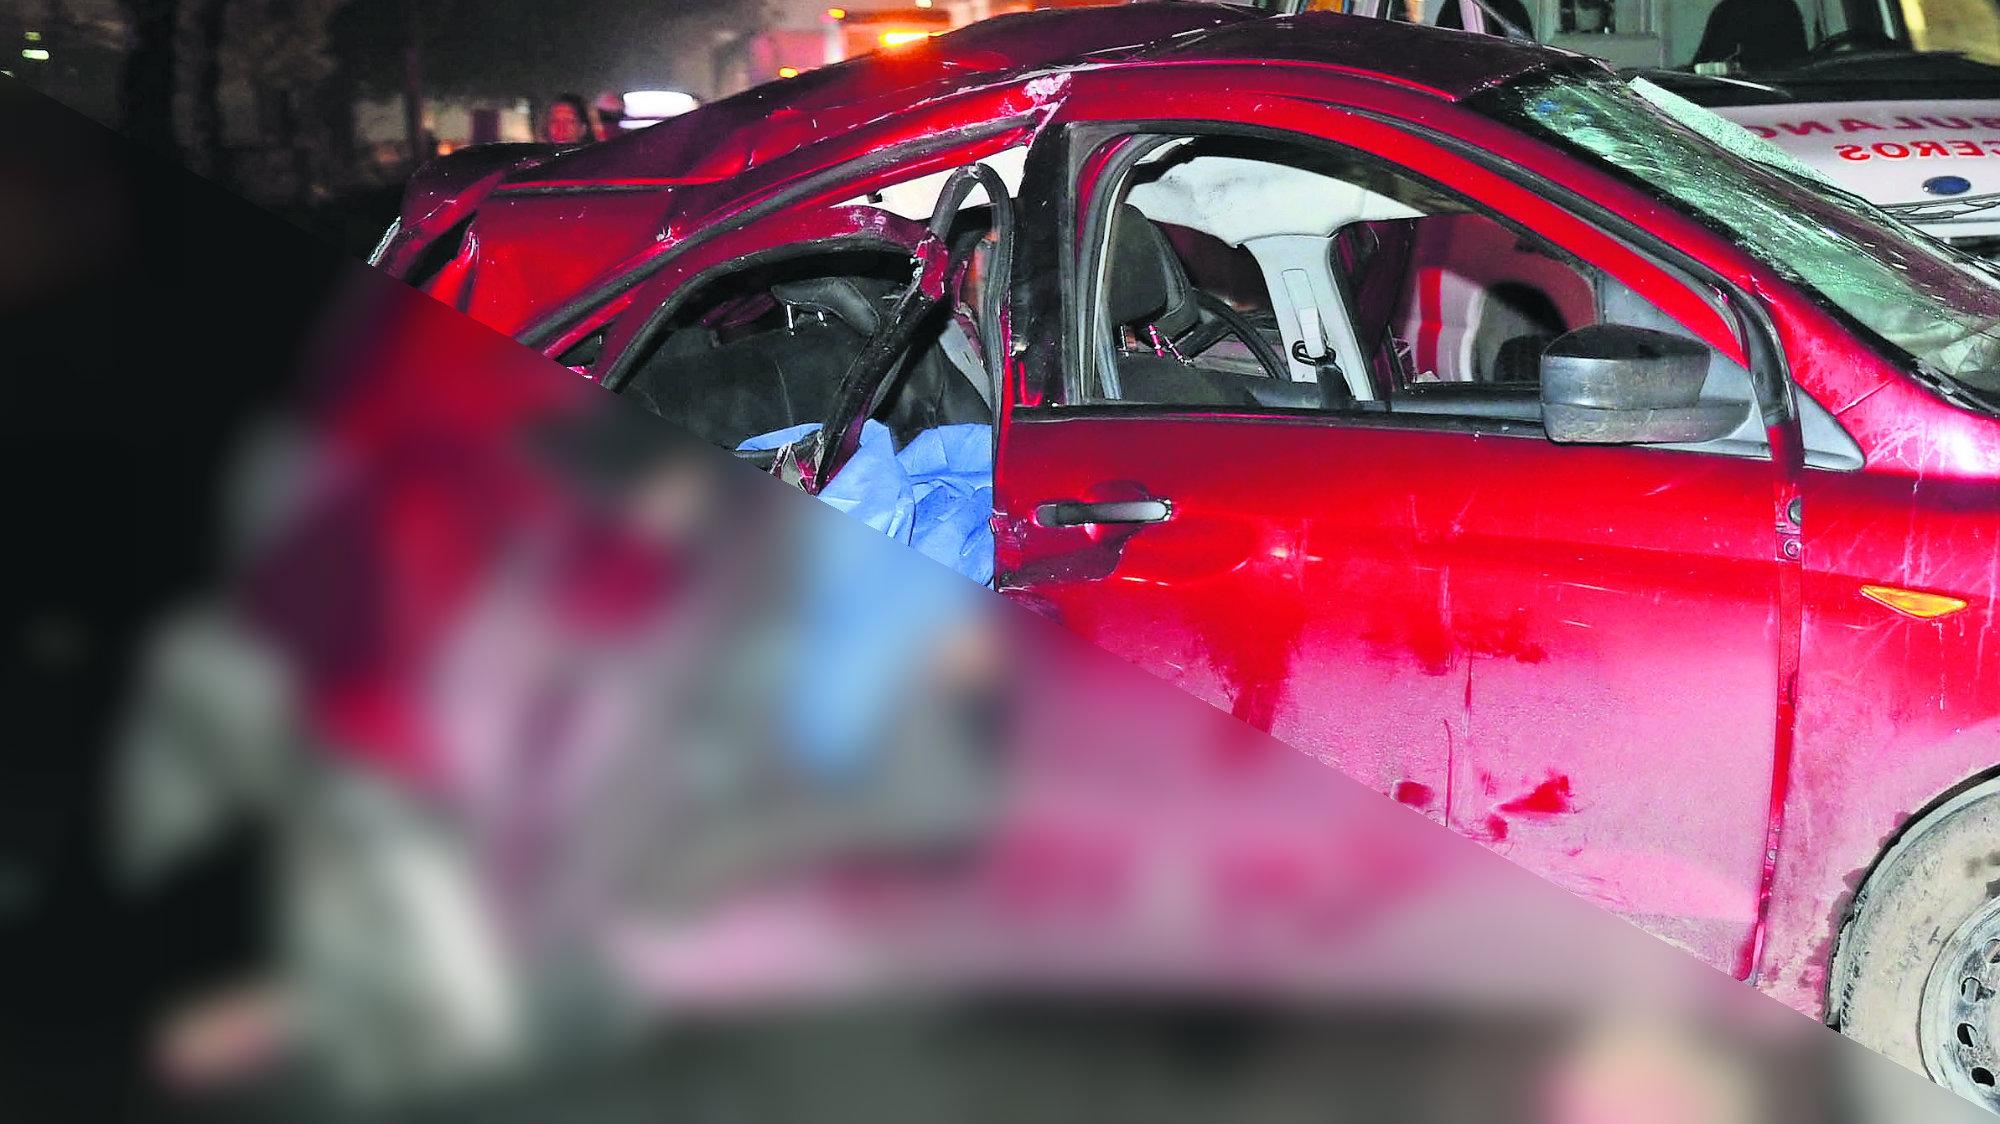 Chocan con auto Mueren dos en choque Exceso de velocidad Responsables escapan Edomex Cuautitlán Izcalli